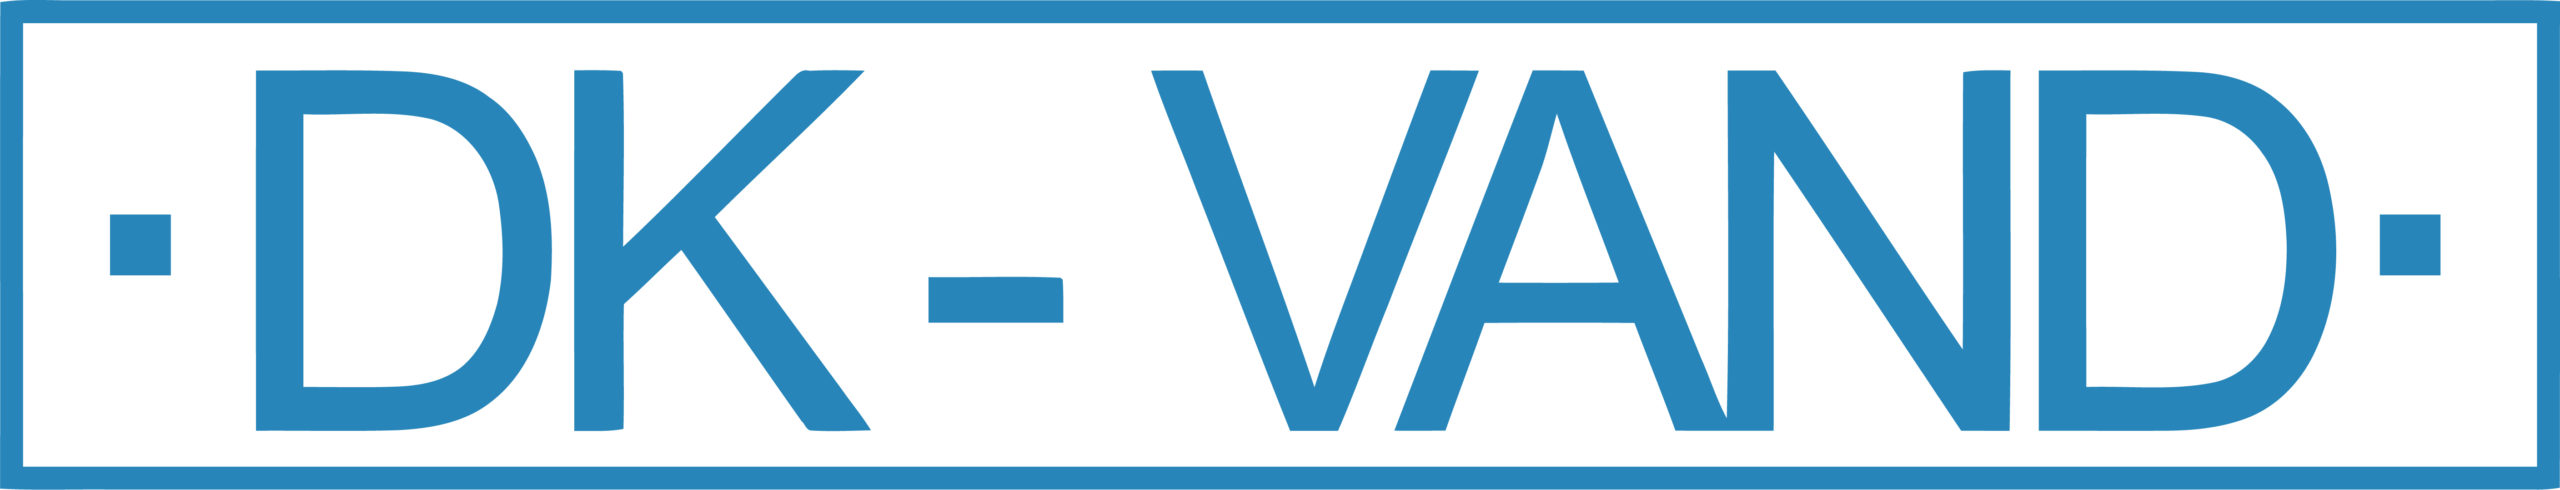 Extena Certifierat enligt DK-VAND